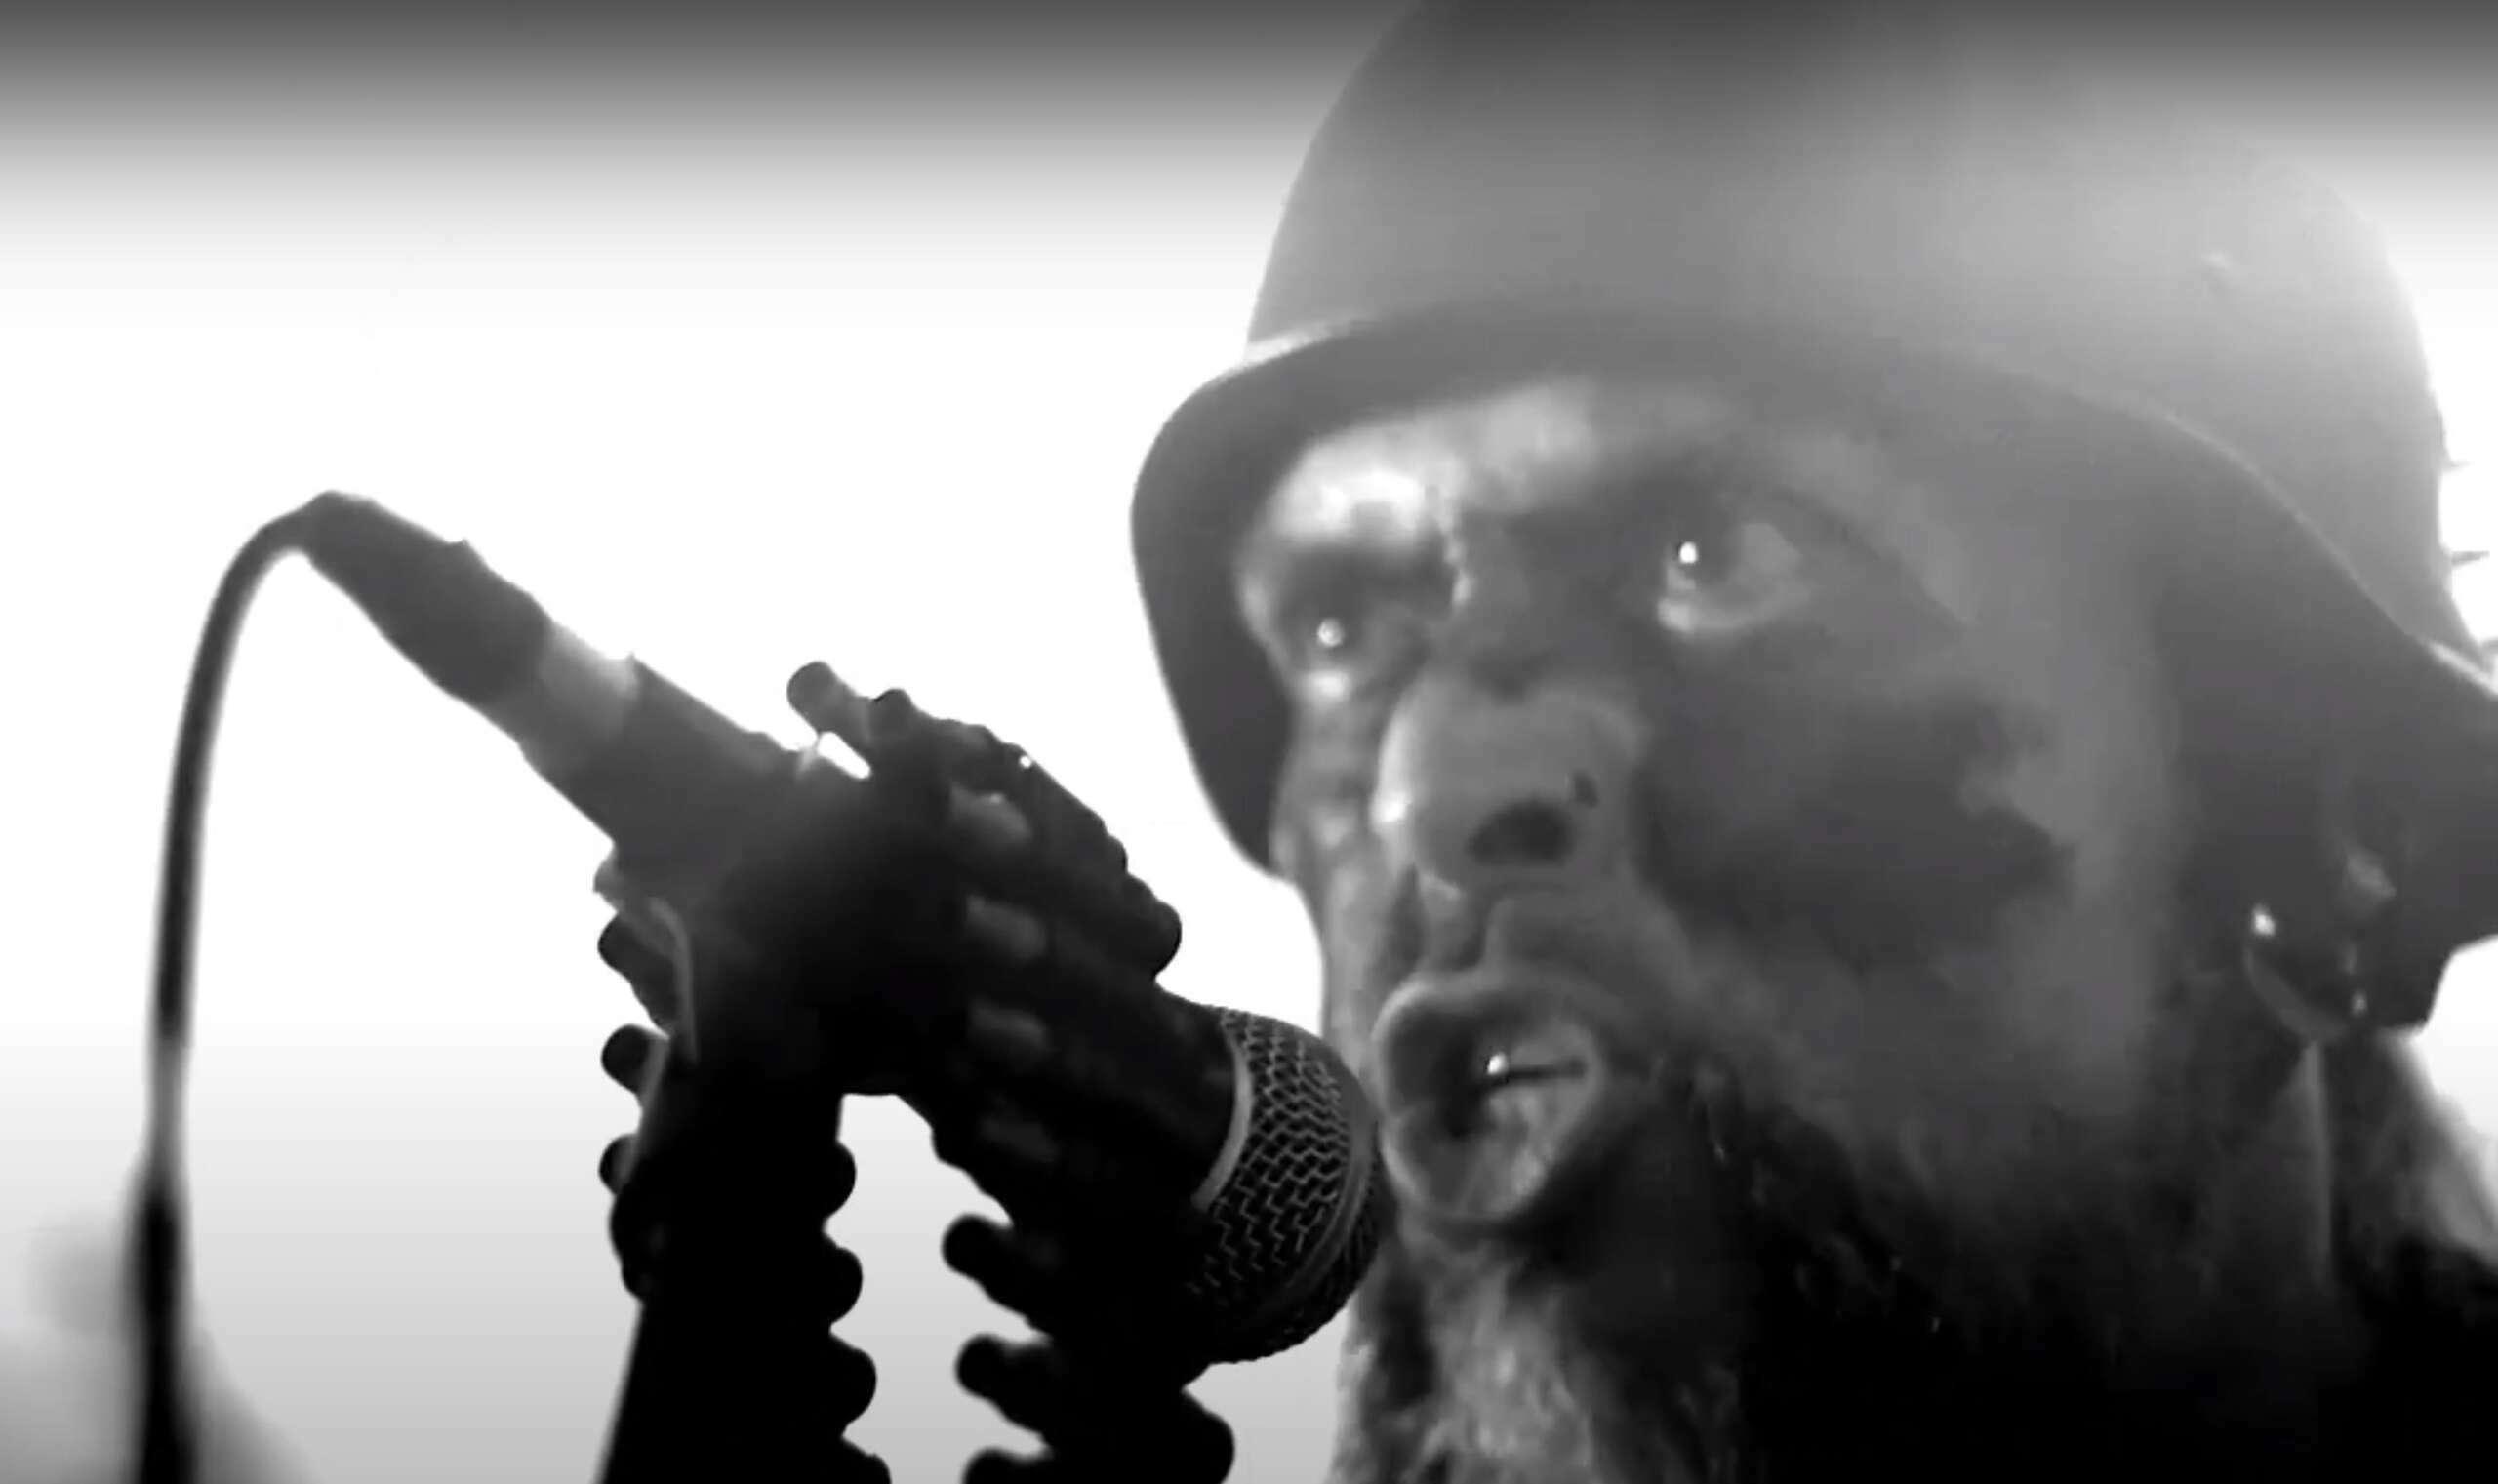 Holocausto WM: Iniciando as gravações do novo álbum, previsto para 2022